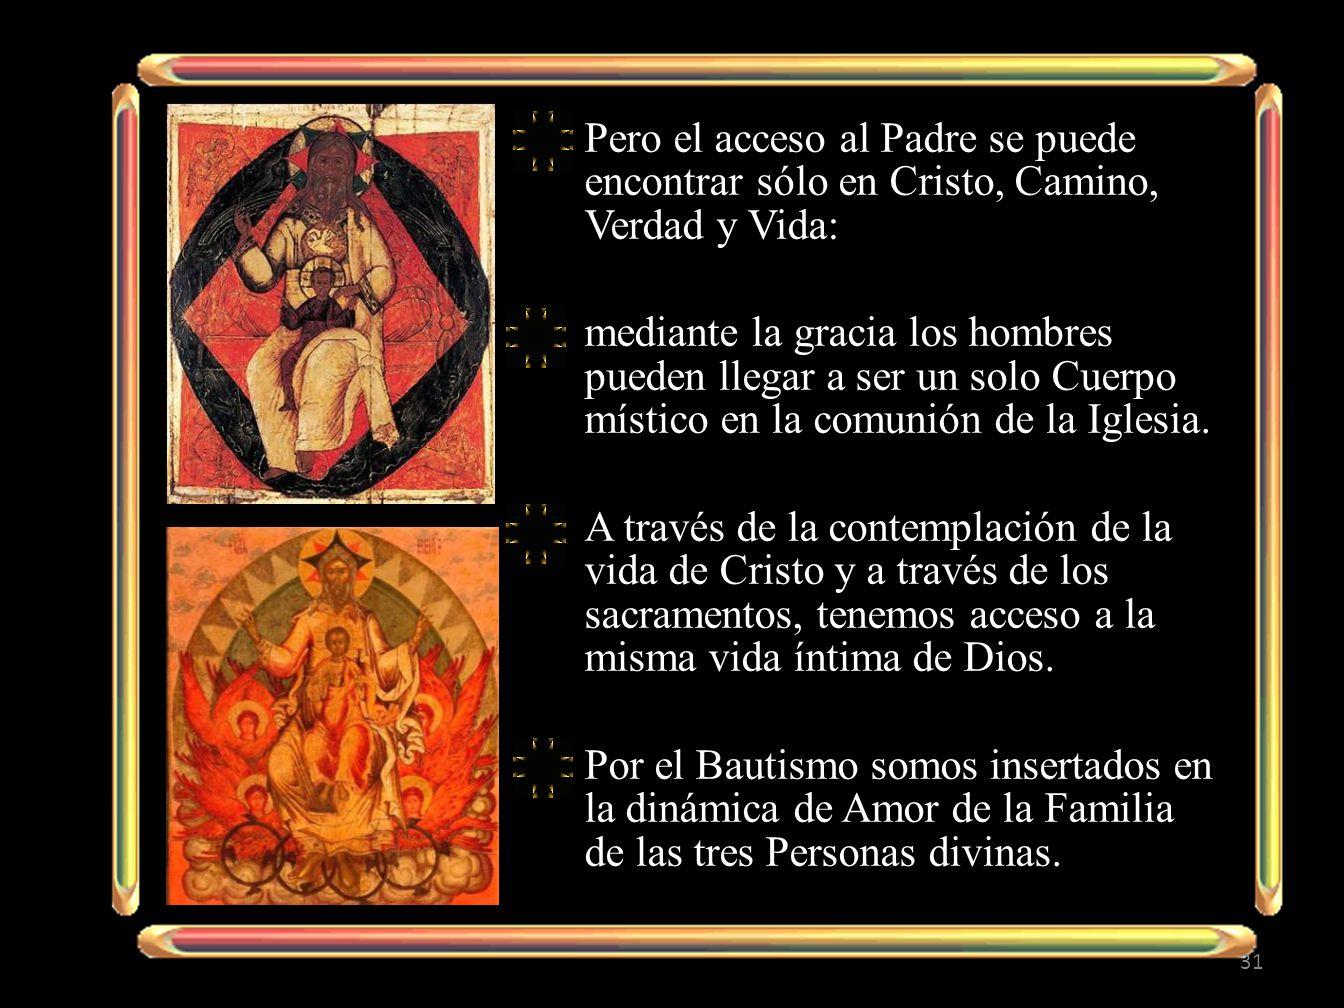 Pero el acceso al Padre se puede encontrar sólo en Cristo, Camino, Verdad y Vida: mediante la gracia los hombres pueden llegar a ser un solo Cuerpo místico en la comunión de la Iglesia.